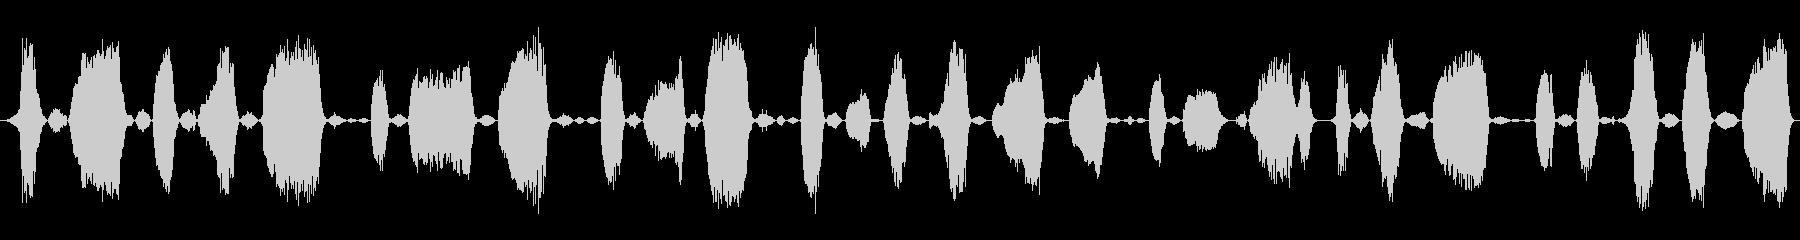 成人男性:苦労するうなり声の未再生の波形